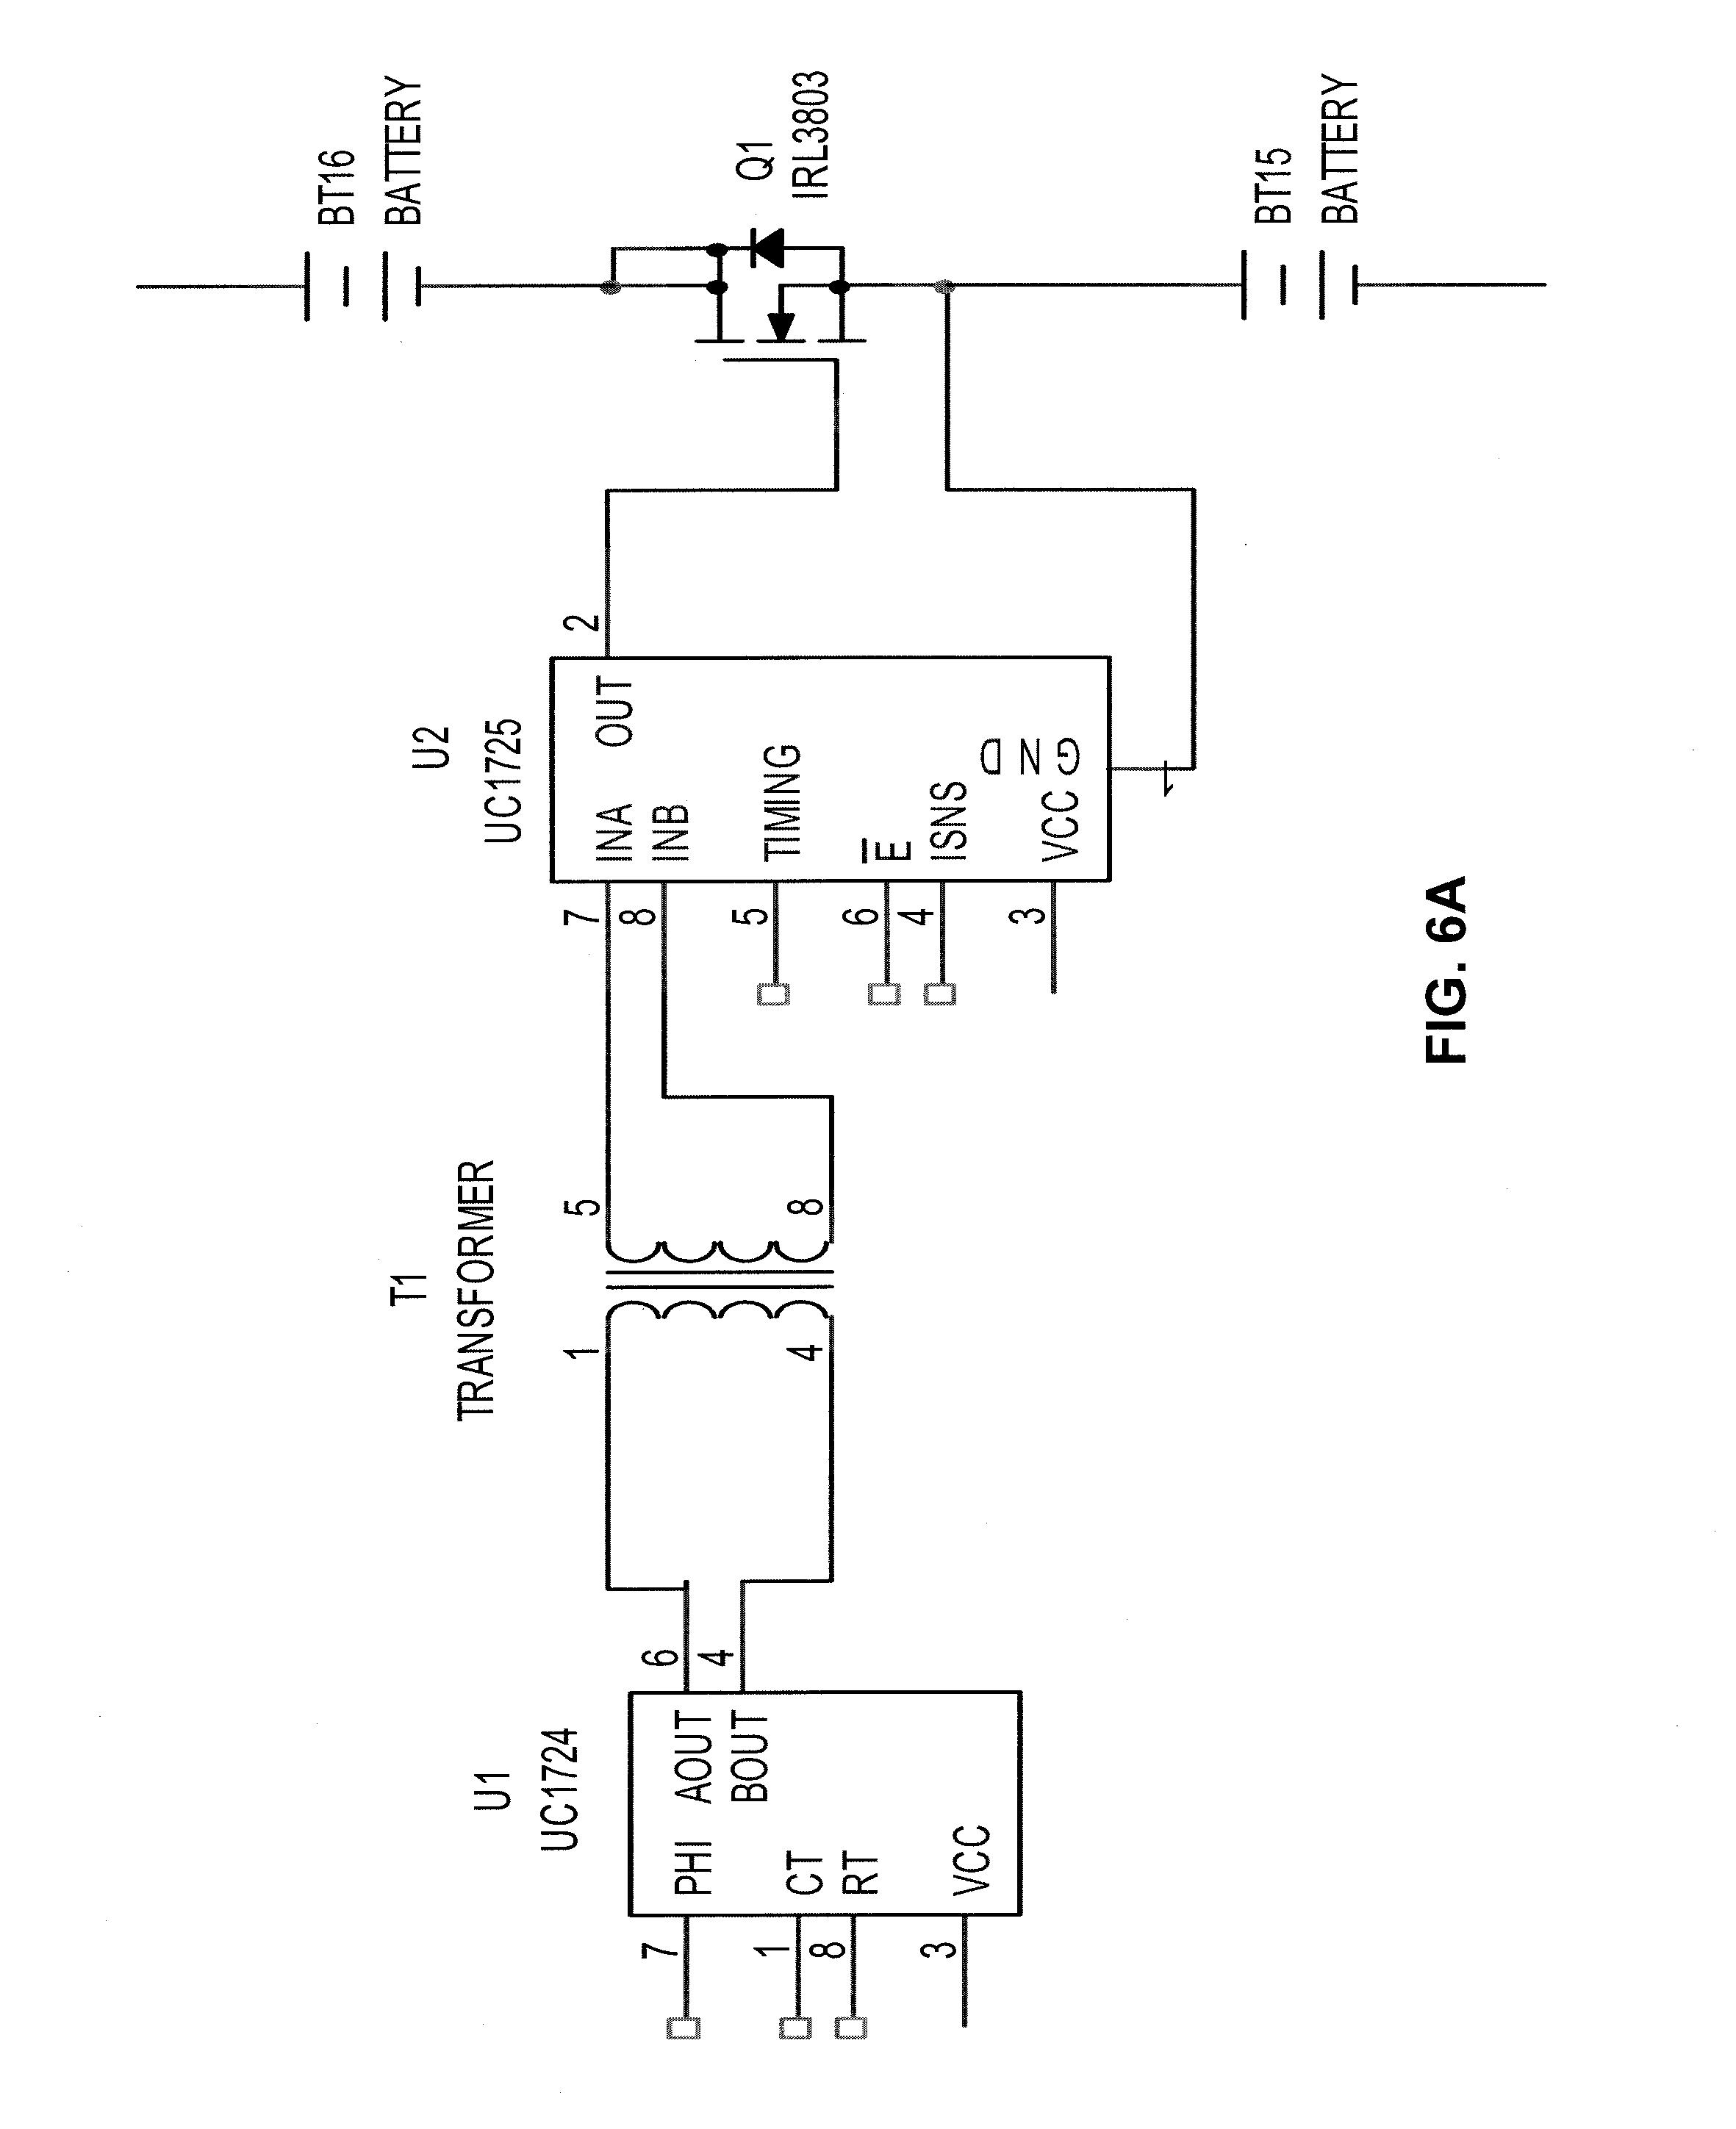 patent us20120234816